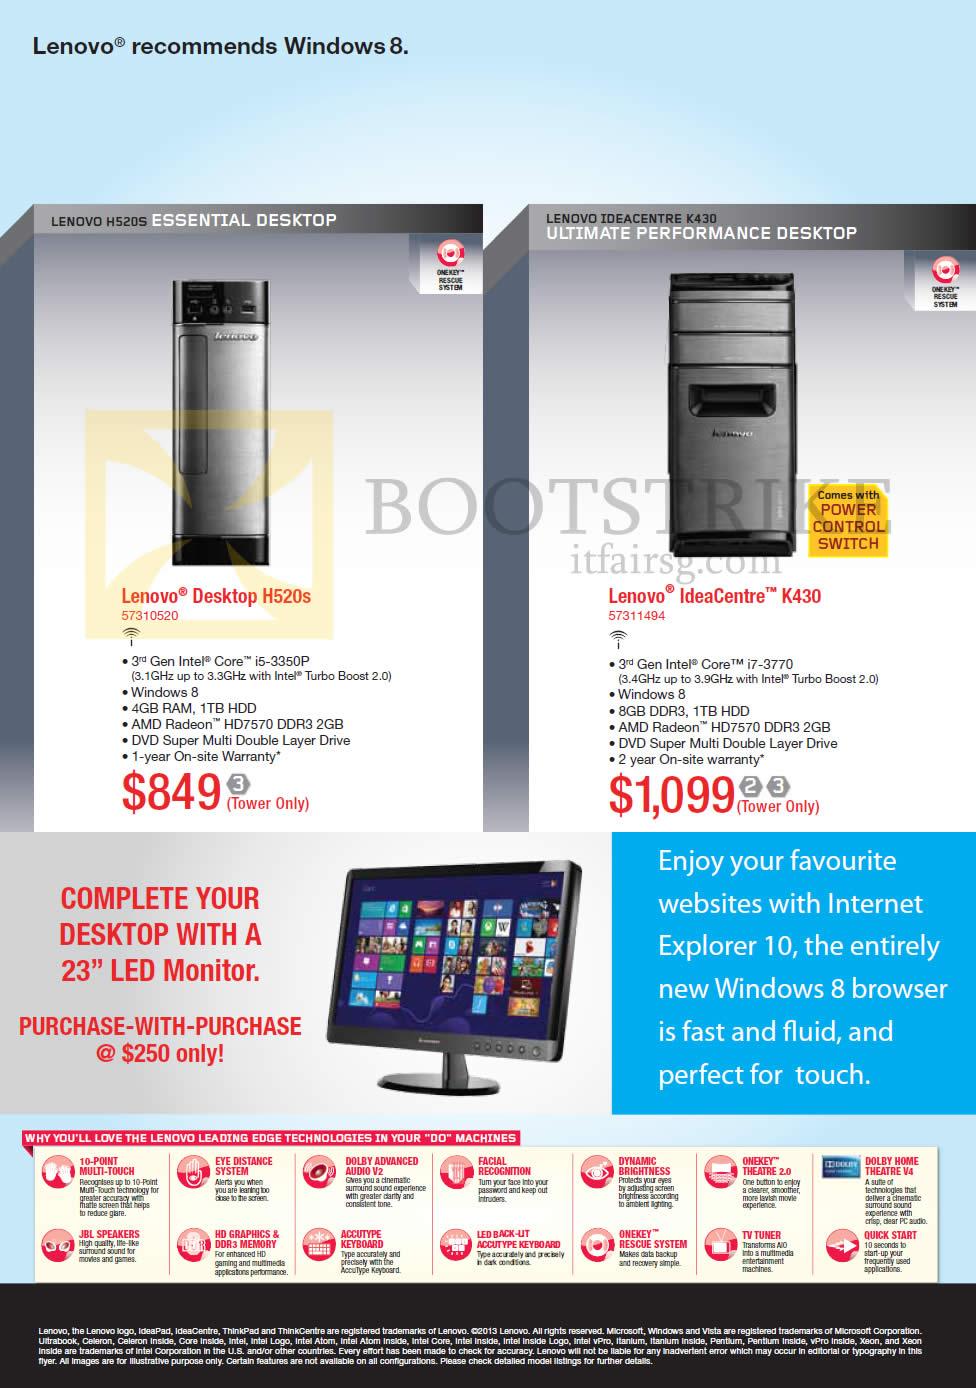 IT SHOW 2013 price list image brochure of Lenovo Desktop PC H520s, IdeaCentre K430